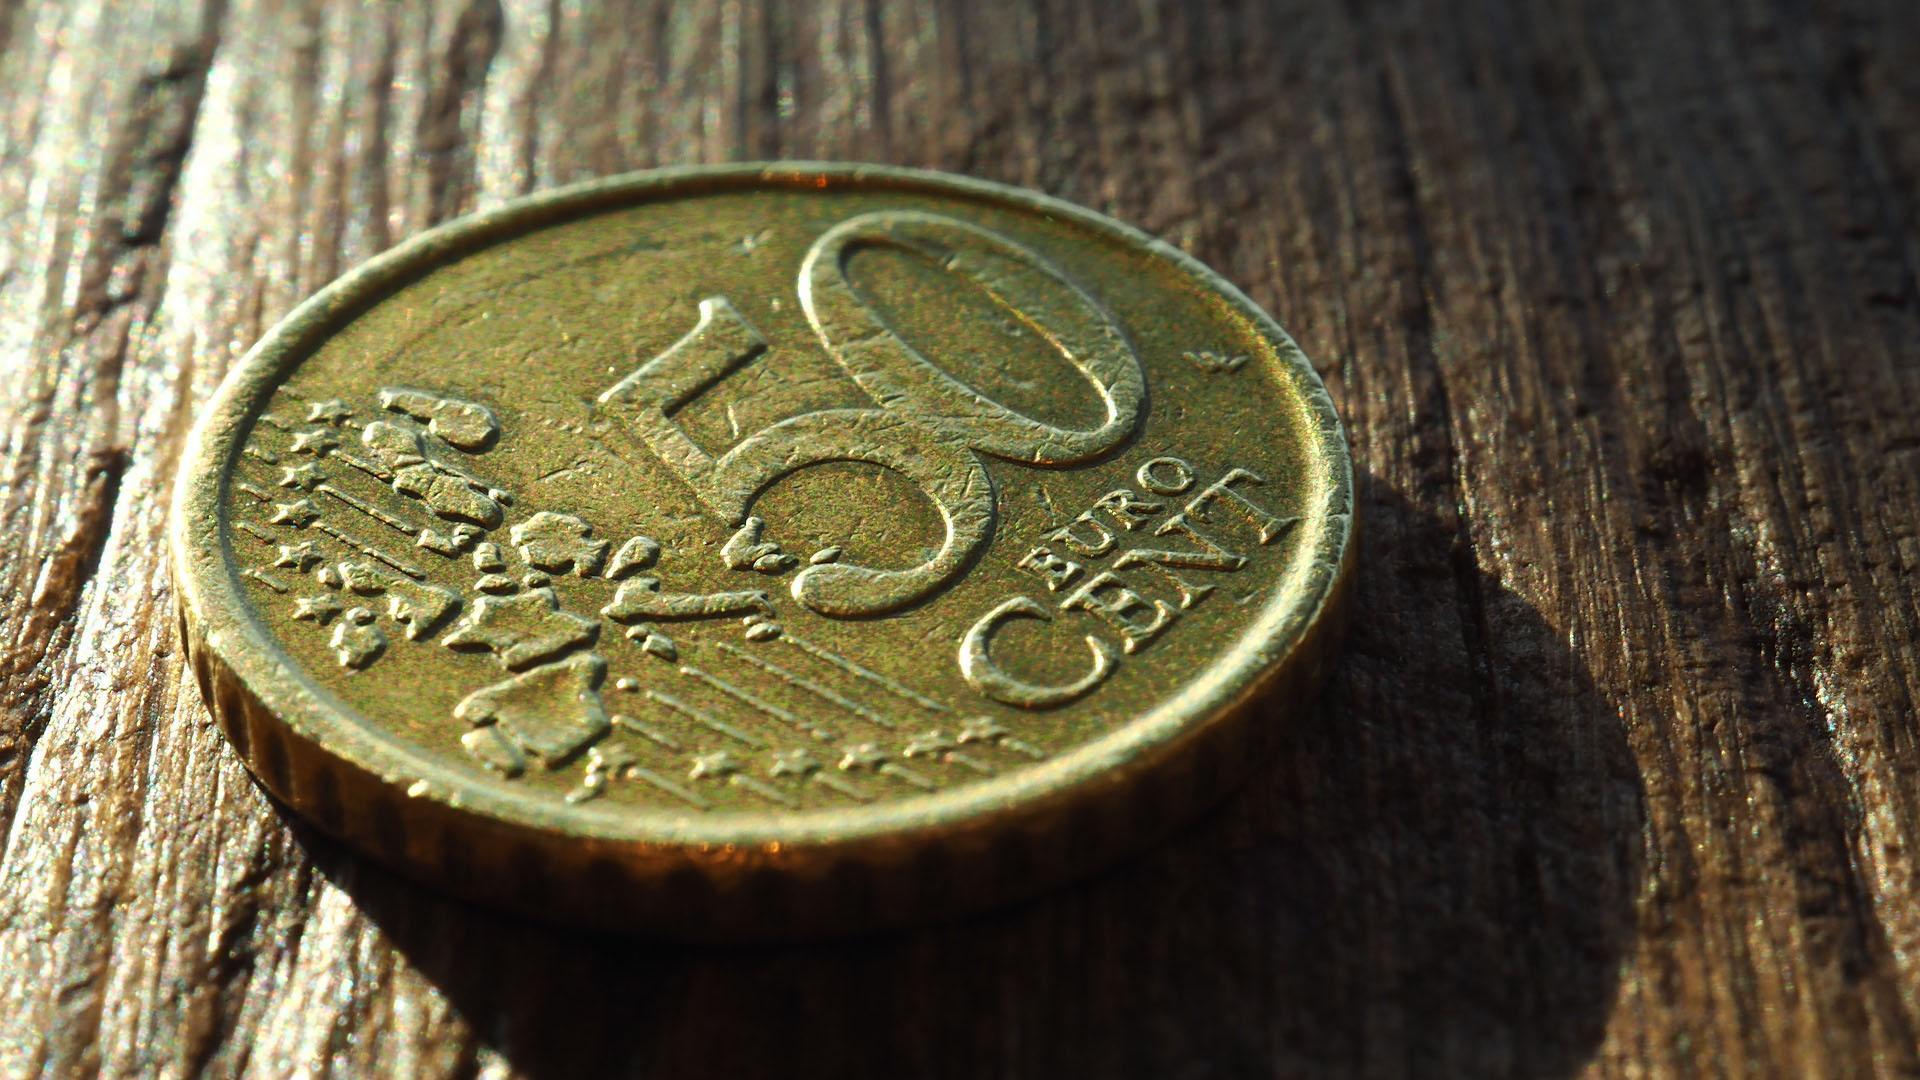 Fehlprägungen gibt es auch bei 50-Cent-Münzen